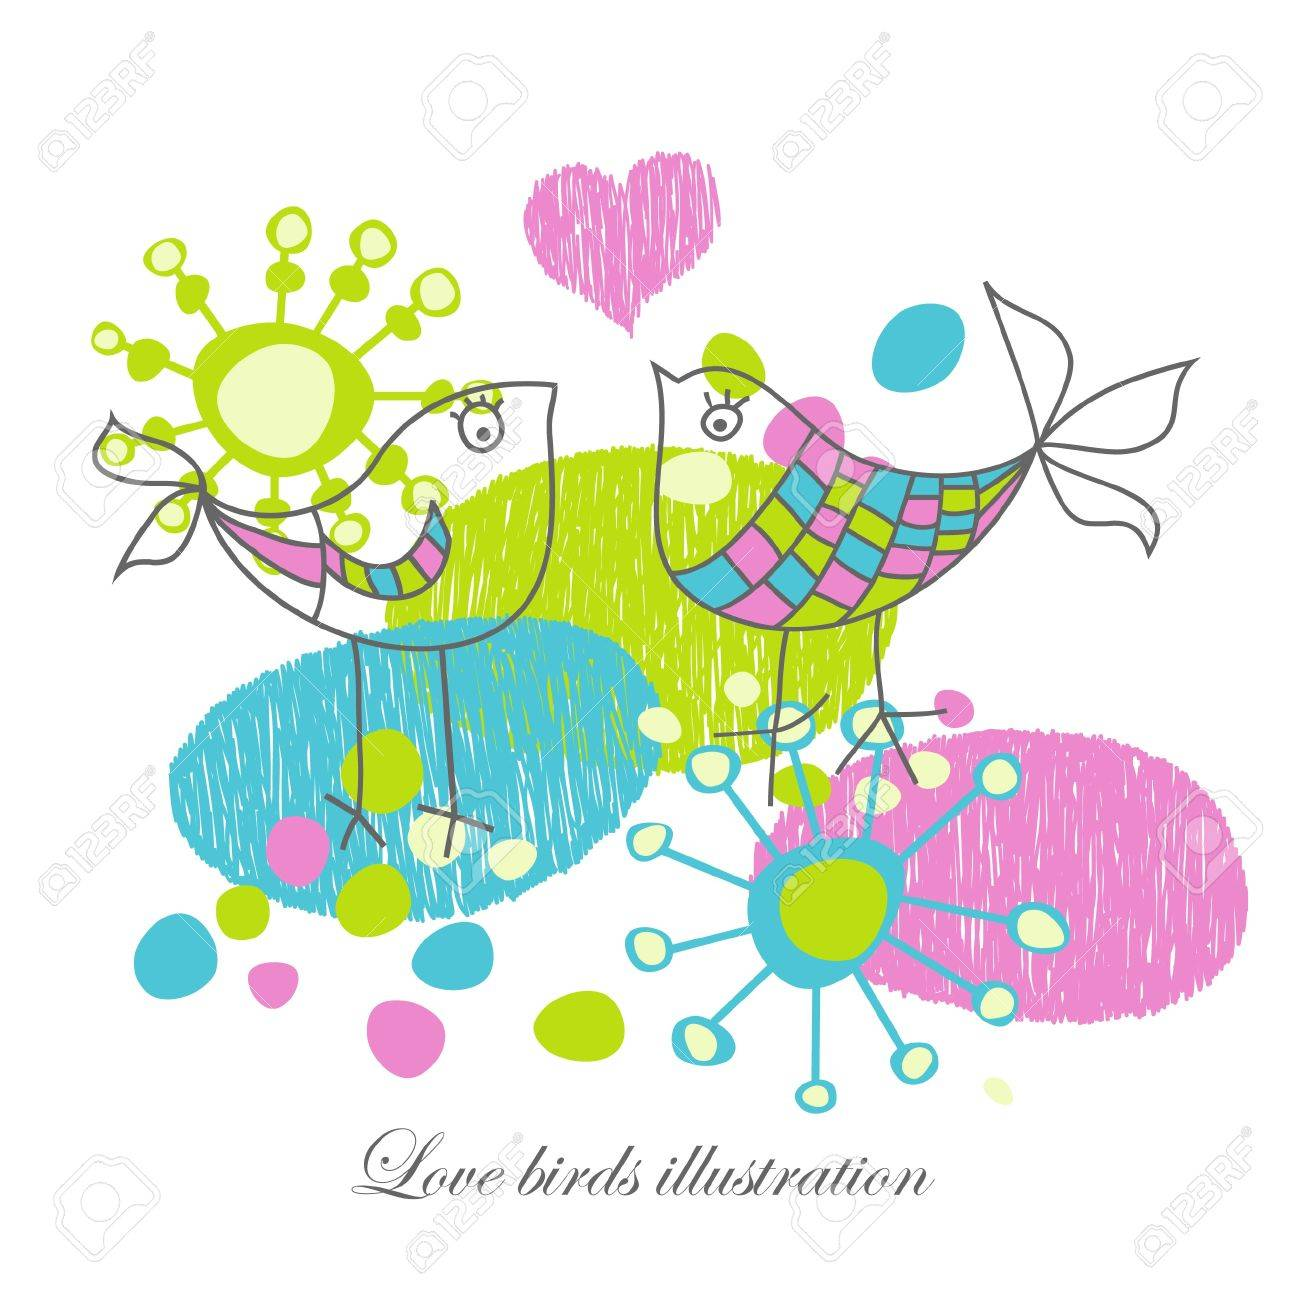 Love birds illustration Stock Vector - 9533774